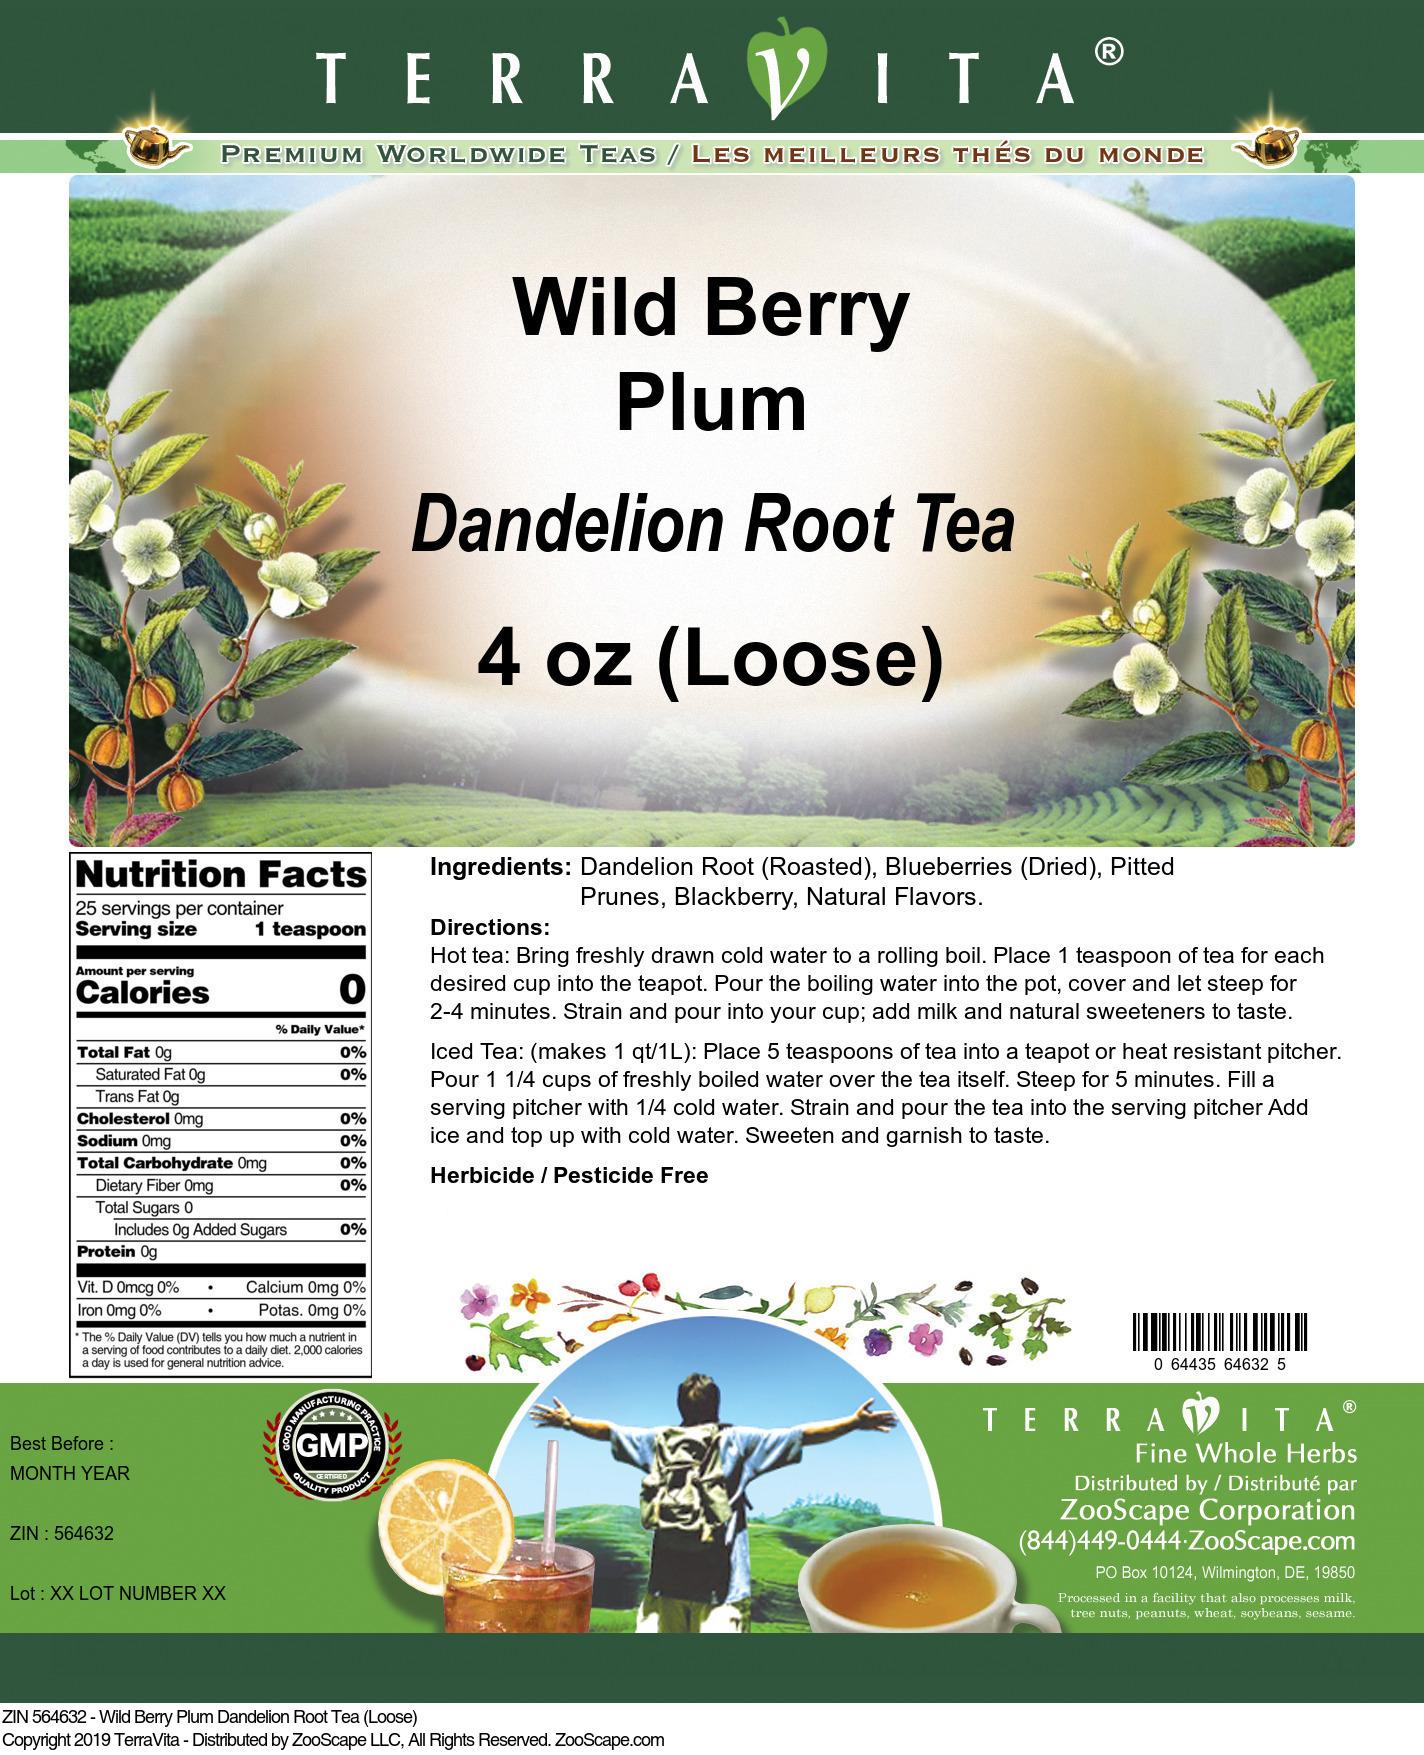 Wild Berry Plum Dandelion Root Tea (Loose)